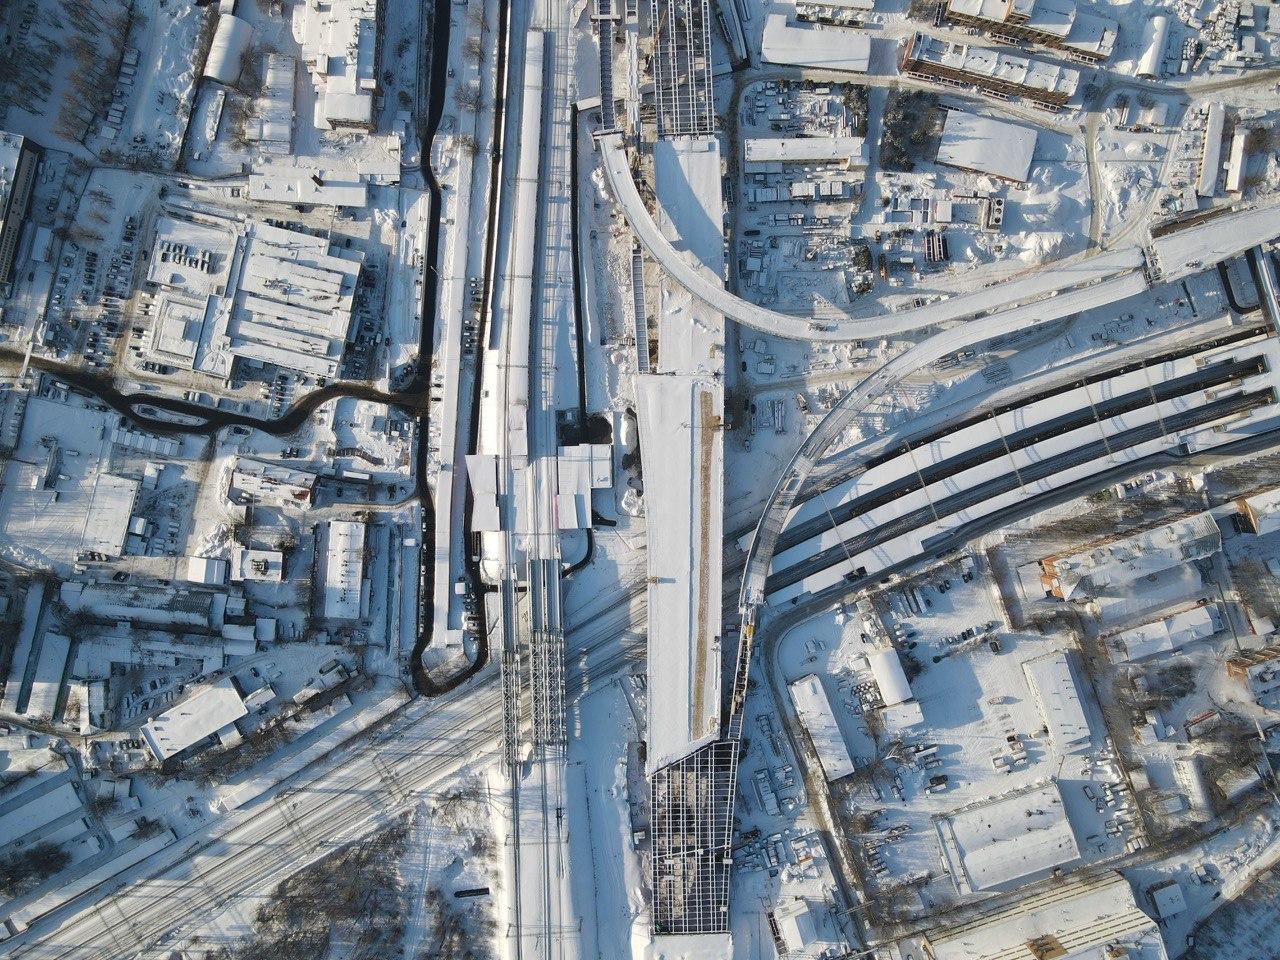 Система хордовых магистралей ускорит движение в Москве в среднем на 12,5%